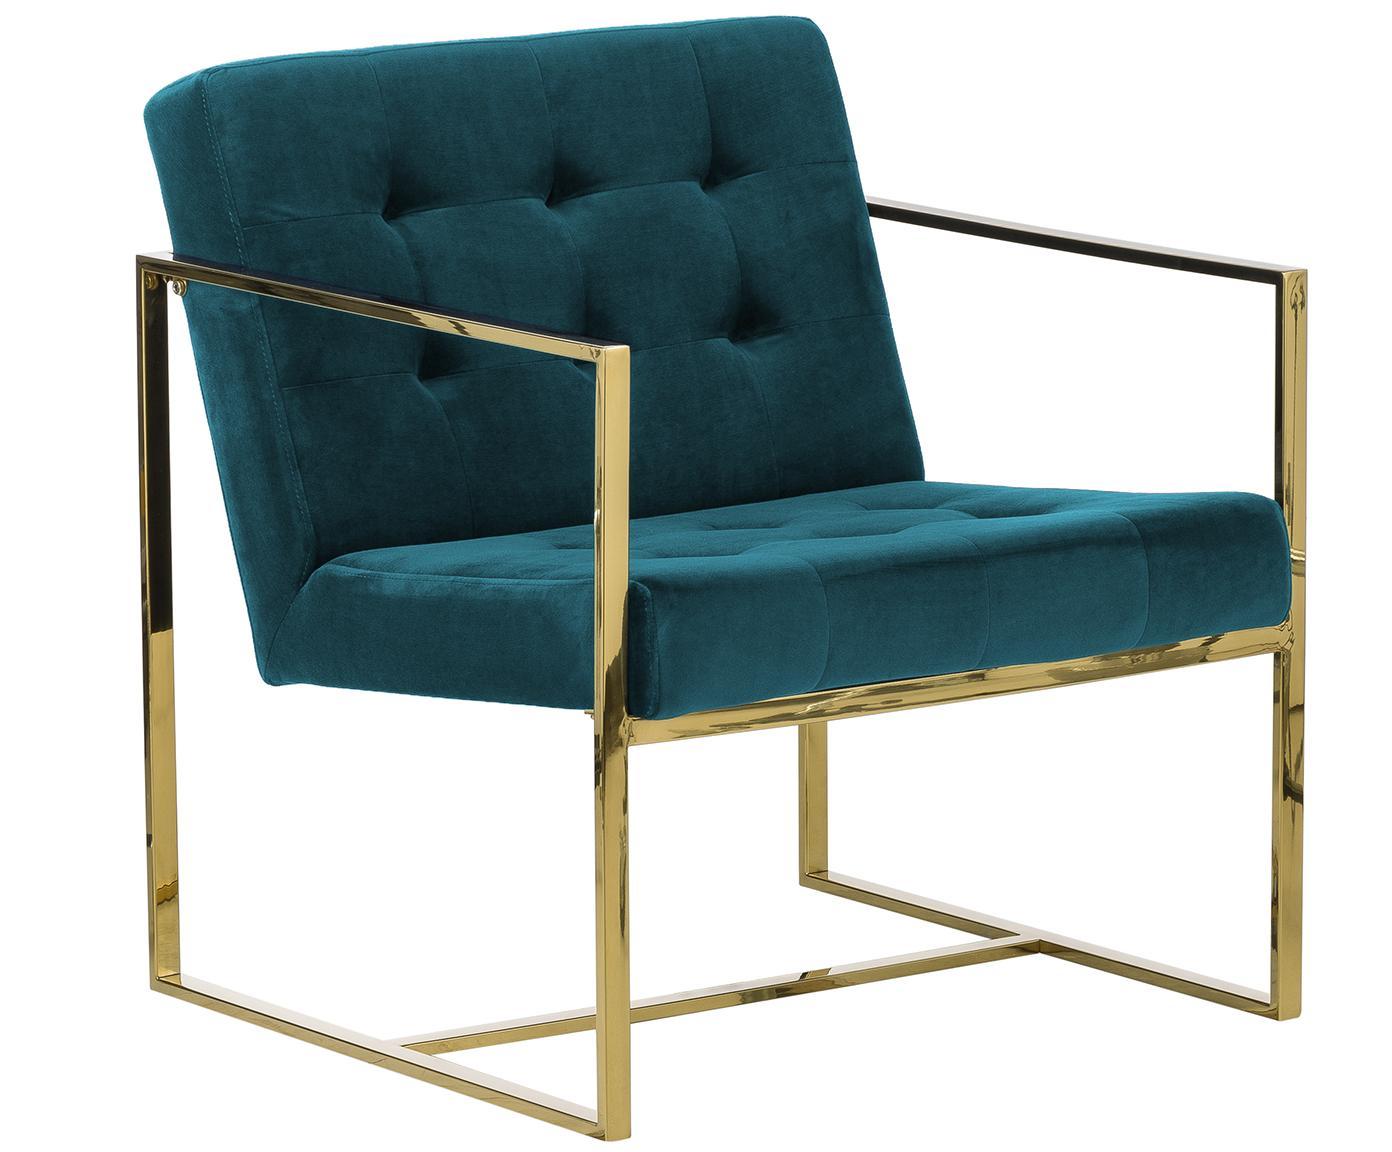 Fotel z aksamitu Manhattan, Tapicerka: aksamit (poliester), Stelaż: metal powlekany, Aksamitny niebieski petrol, S 70 x G 72 cm